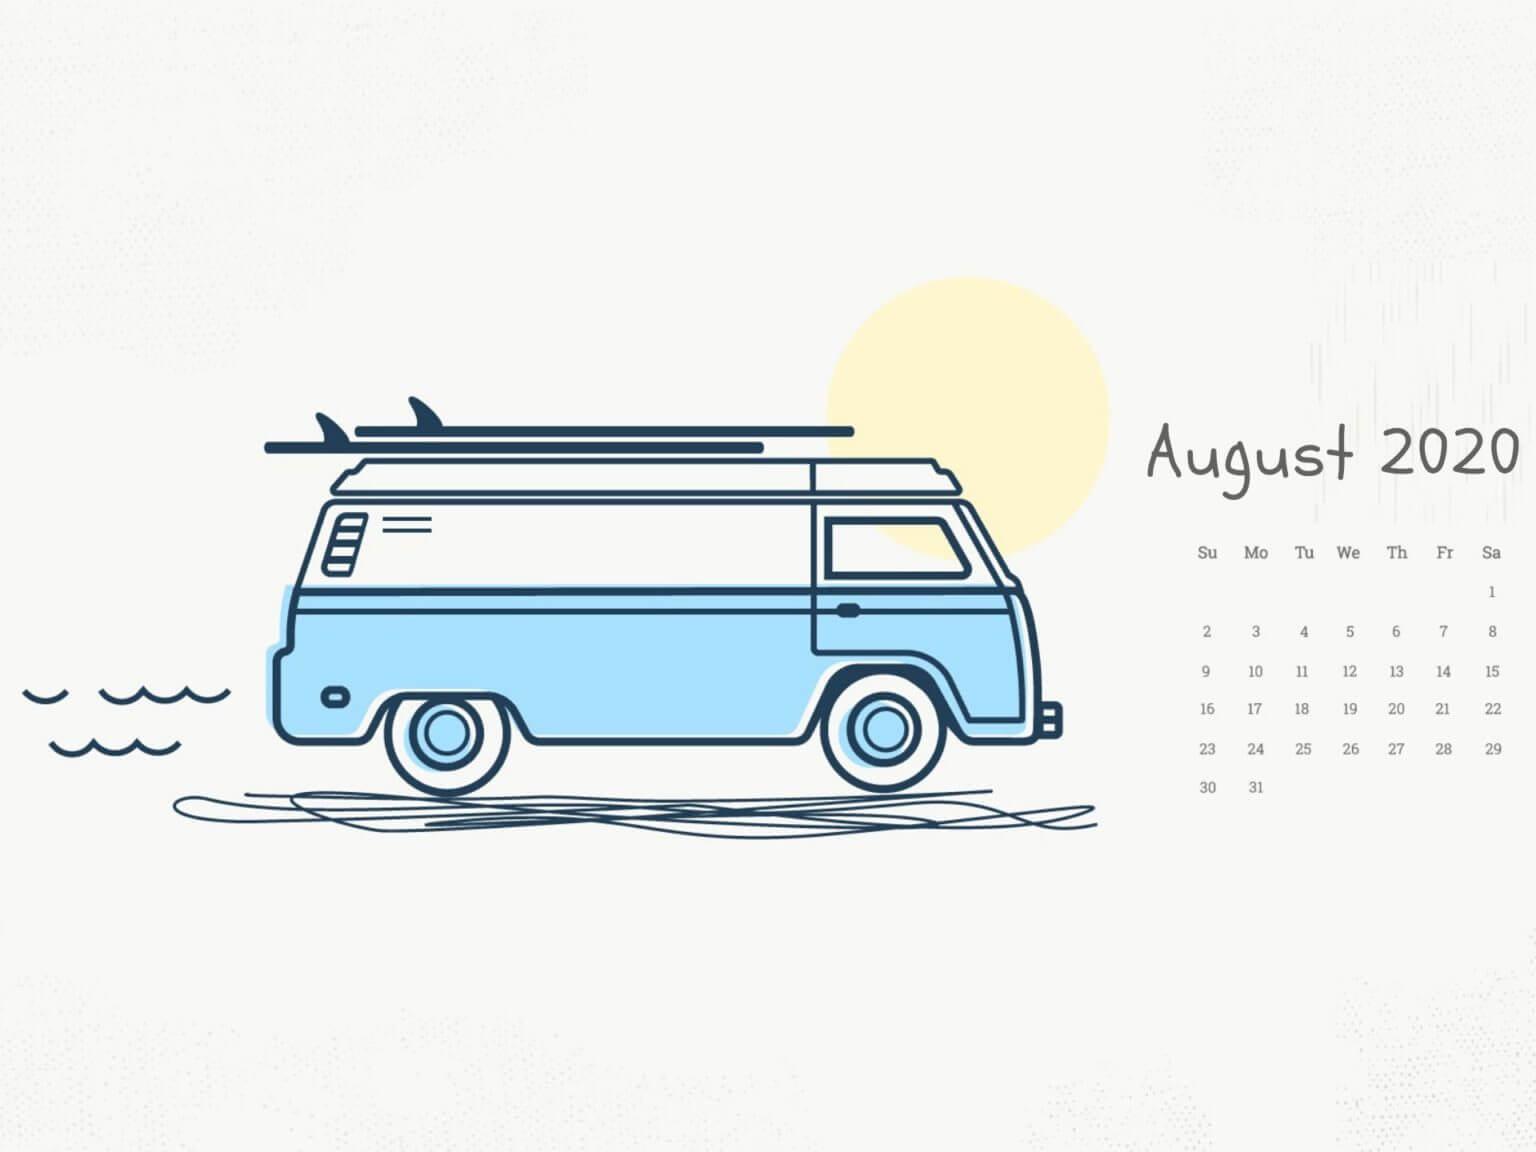 August 2020 Monthly Calendar Wallpaper